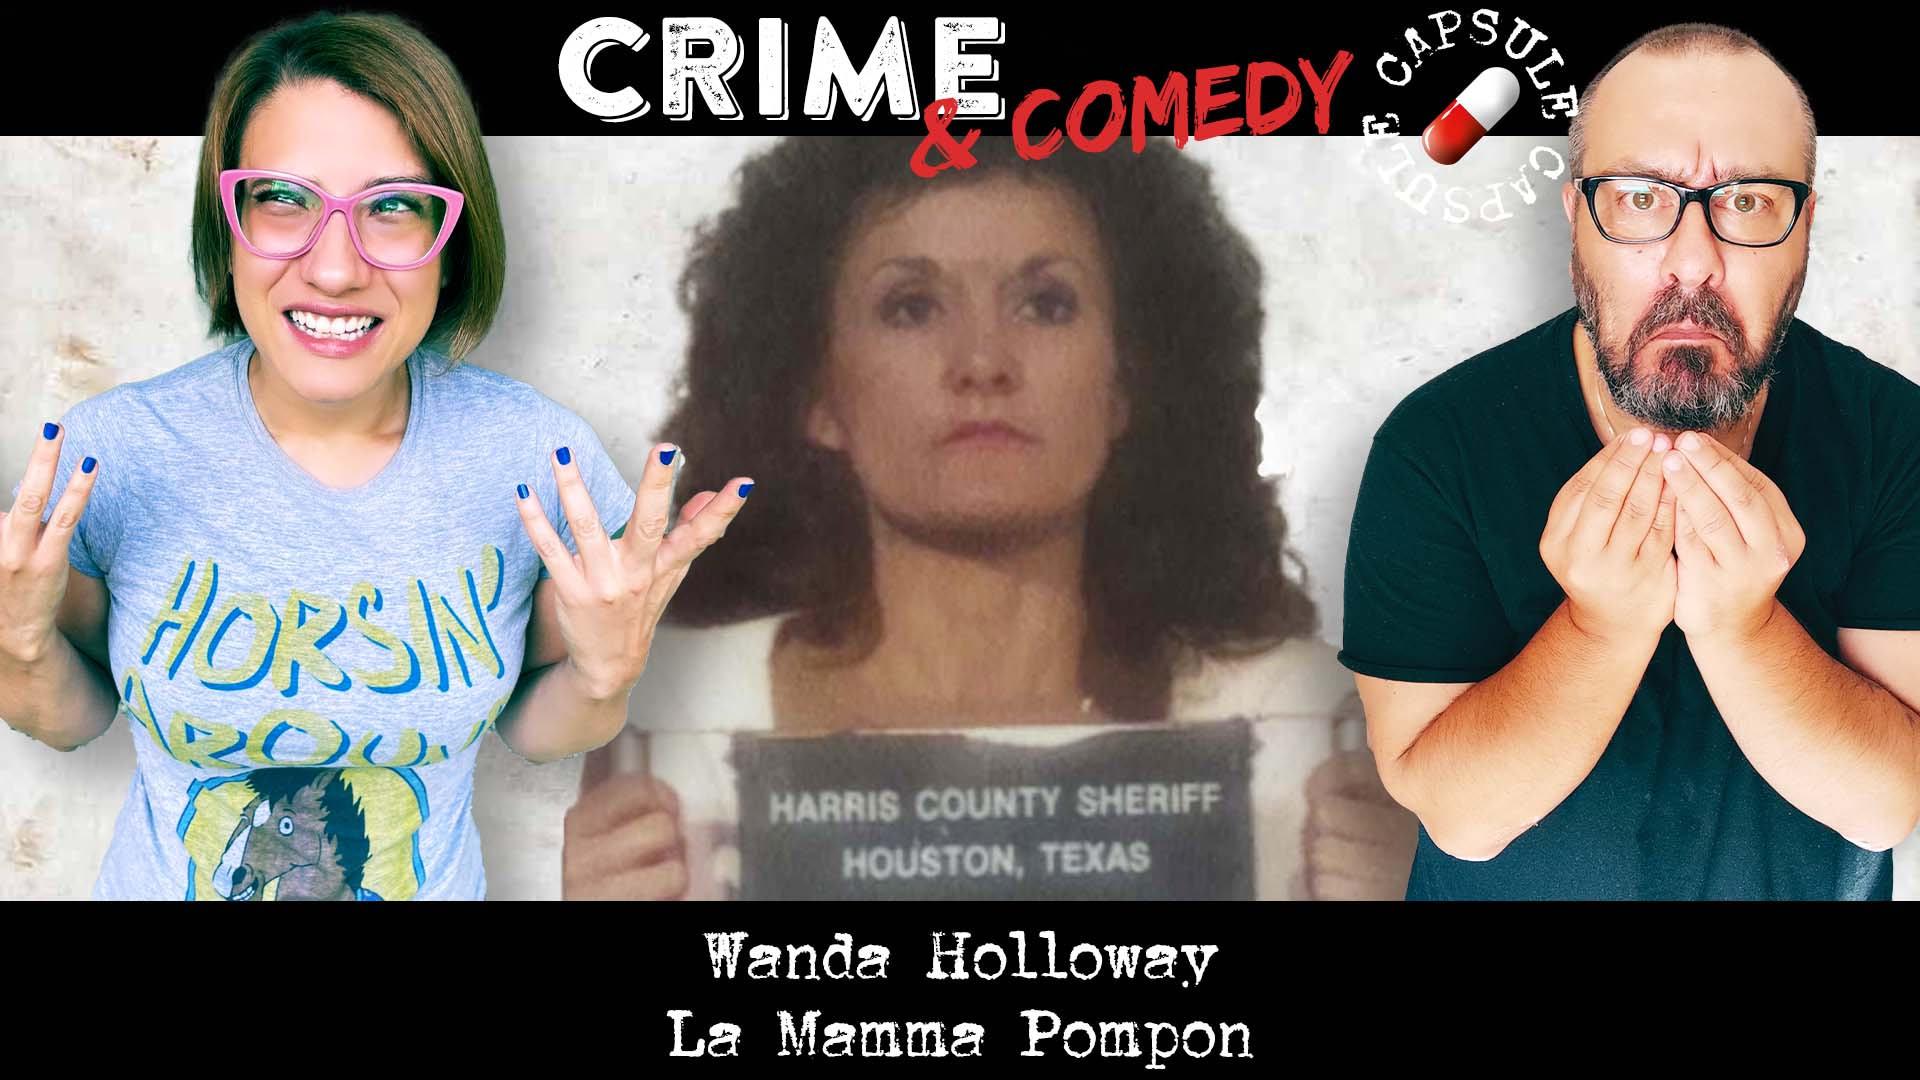 Wanda Holloway - La Mamma Pompon - Crime & Comedy Capsule